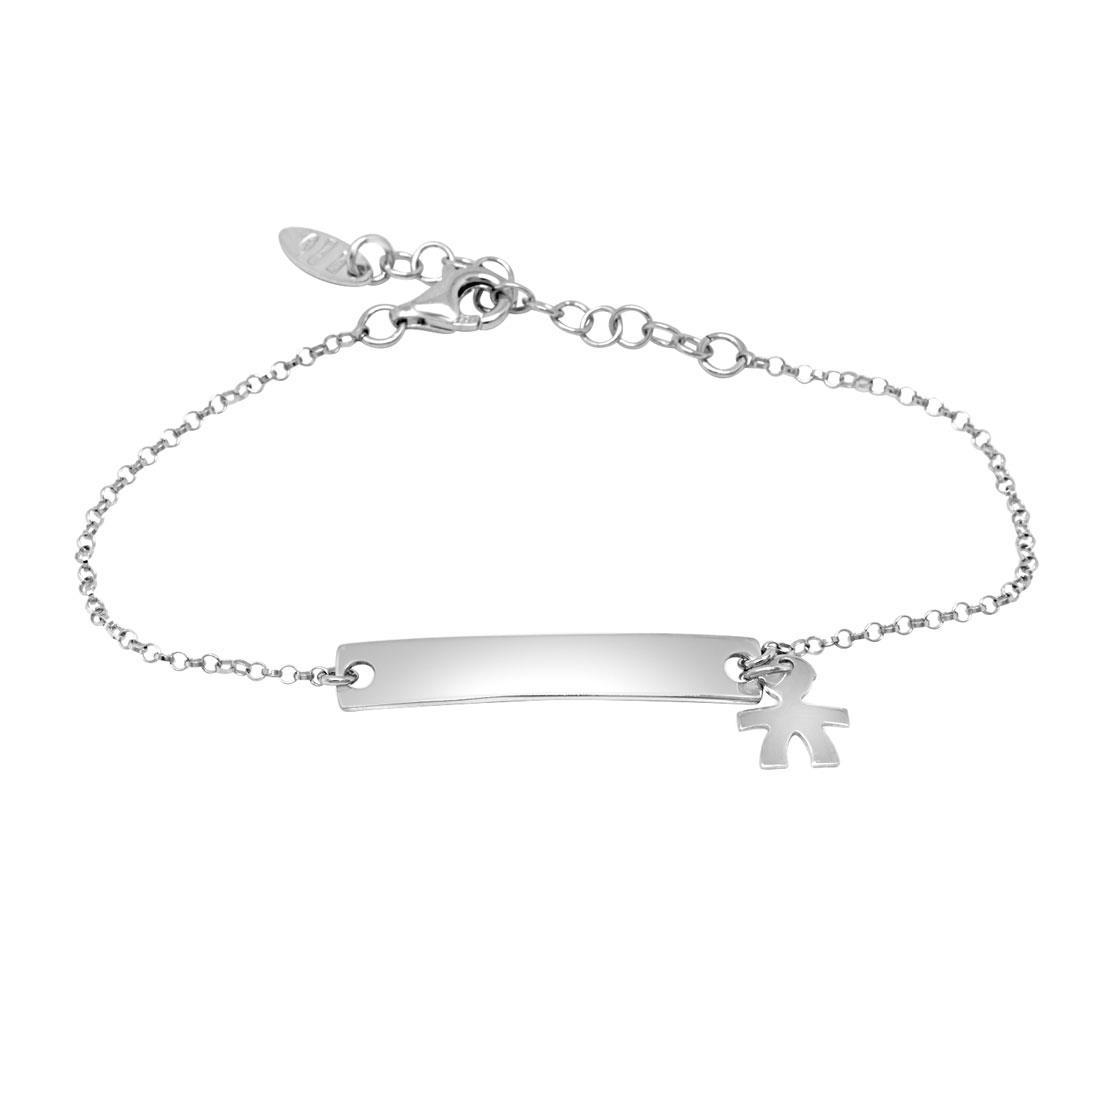 Bracciale in argento con targhetta - ORO&CO 925